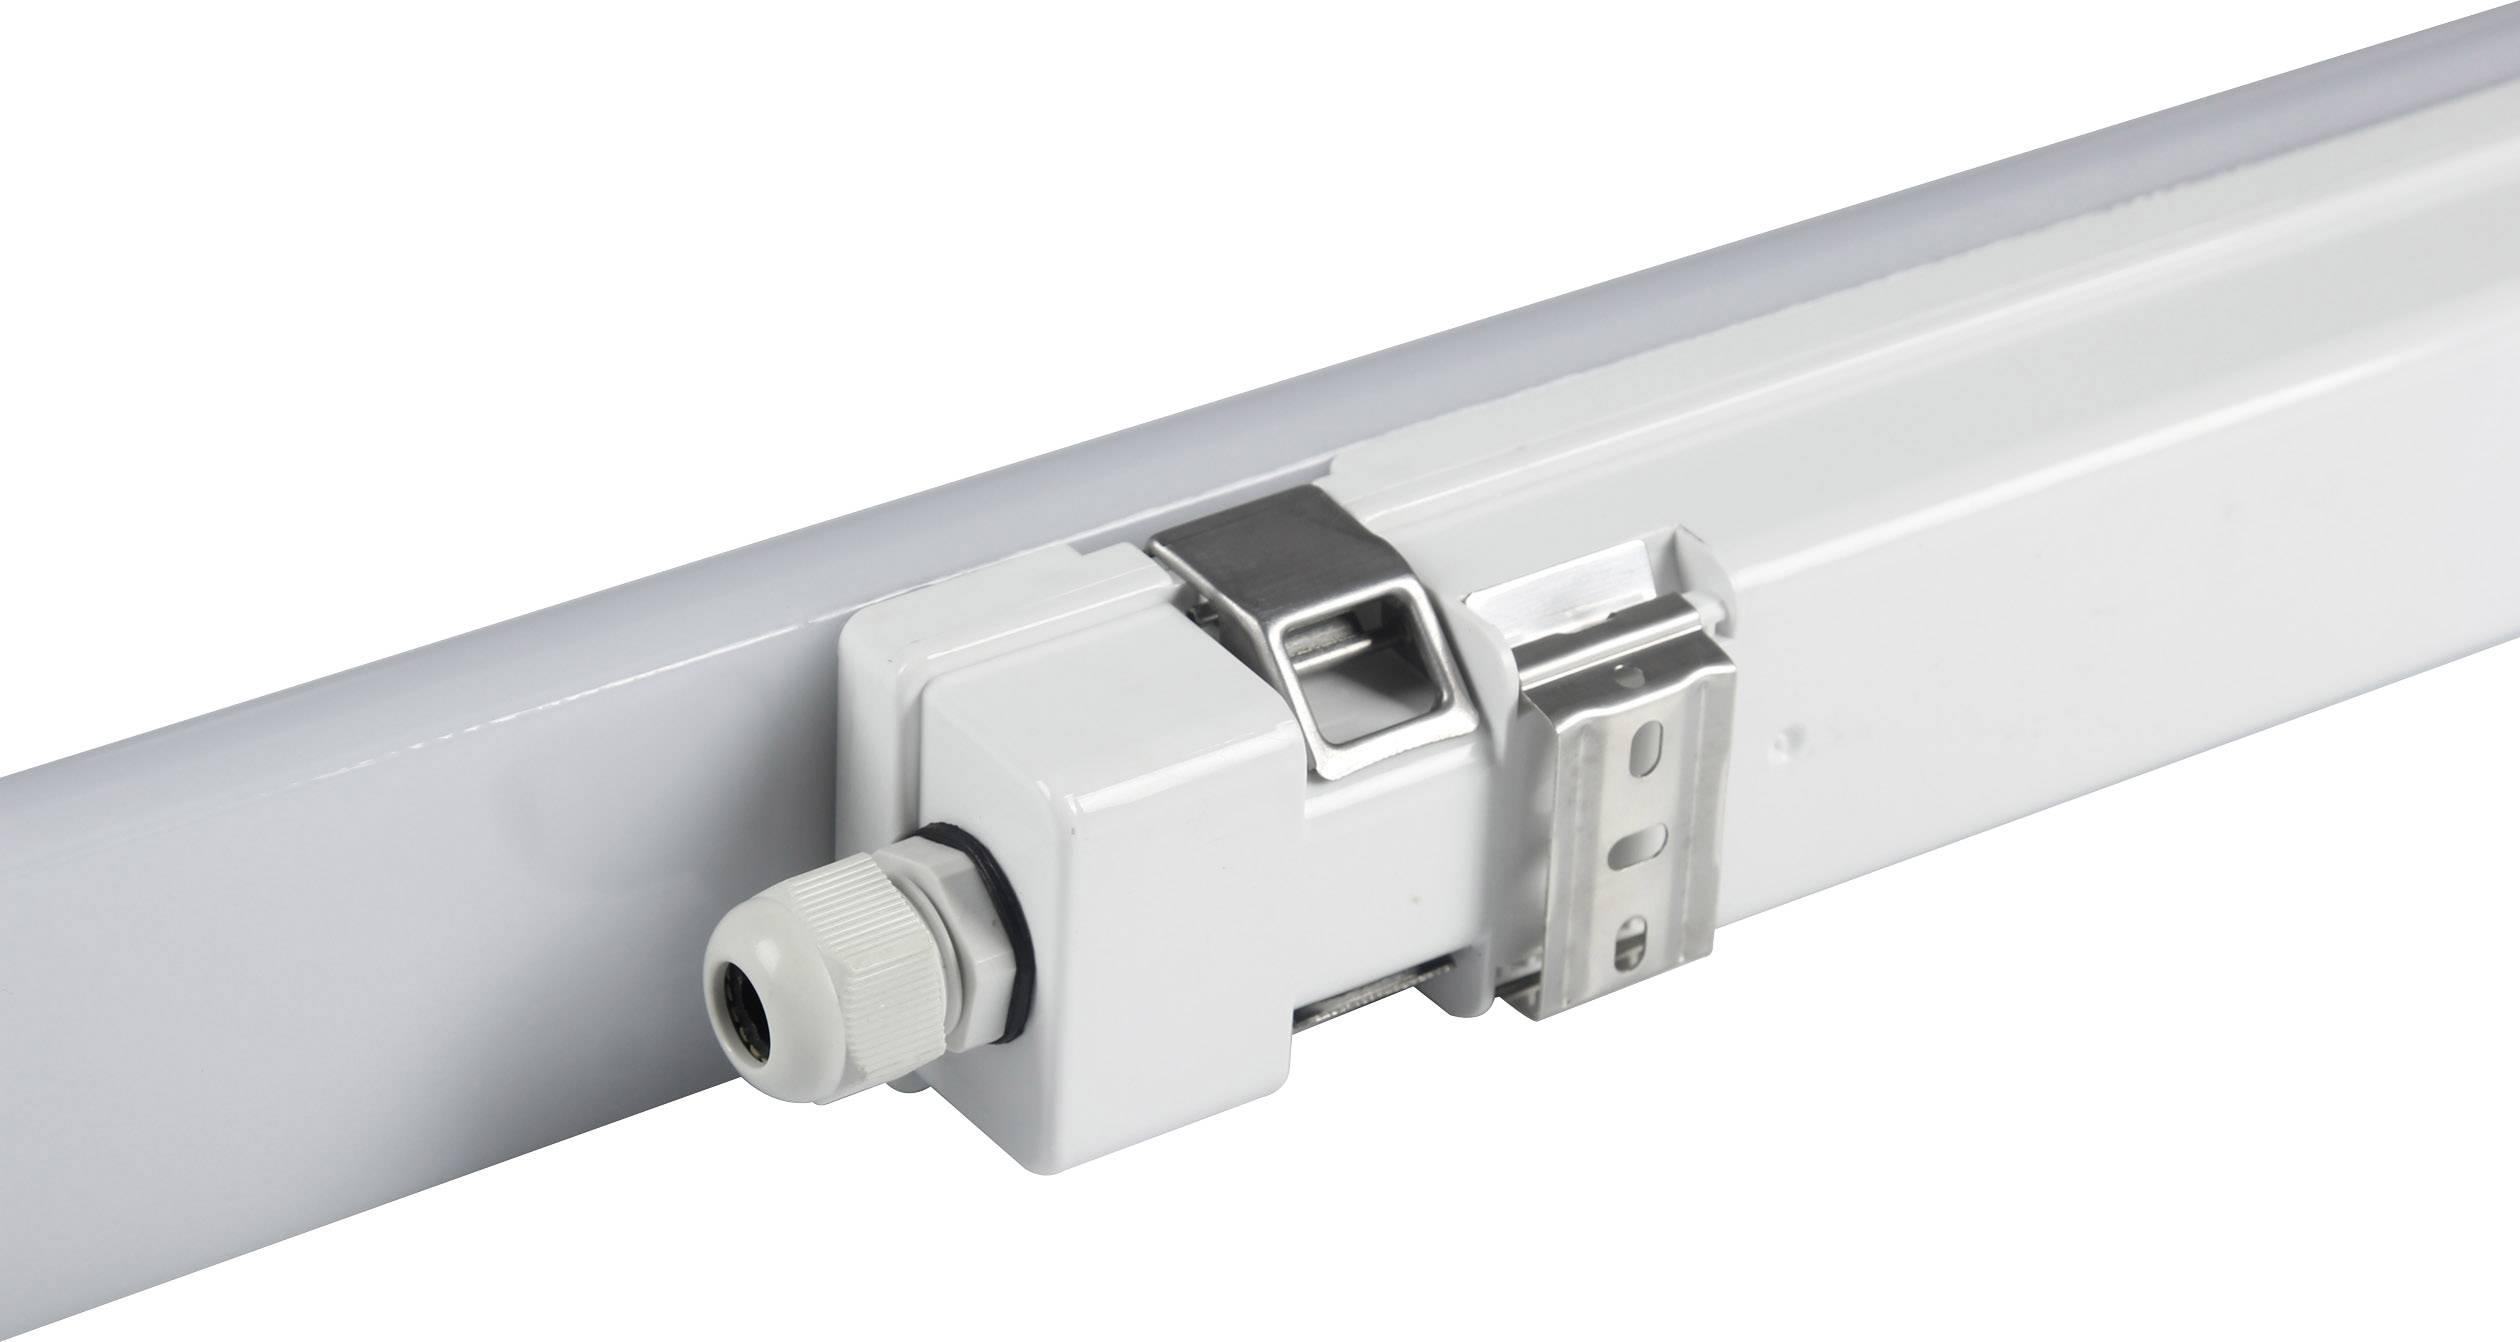 Plafoniere Per Esterno Con Sensore Di Movimento : Müller licht aquafix plafoniera led impermeabile con rilevatore di